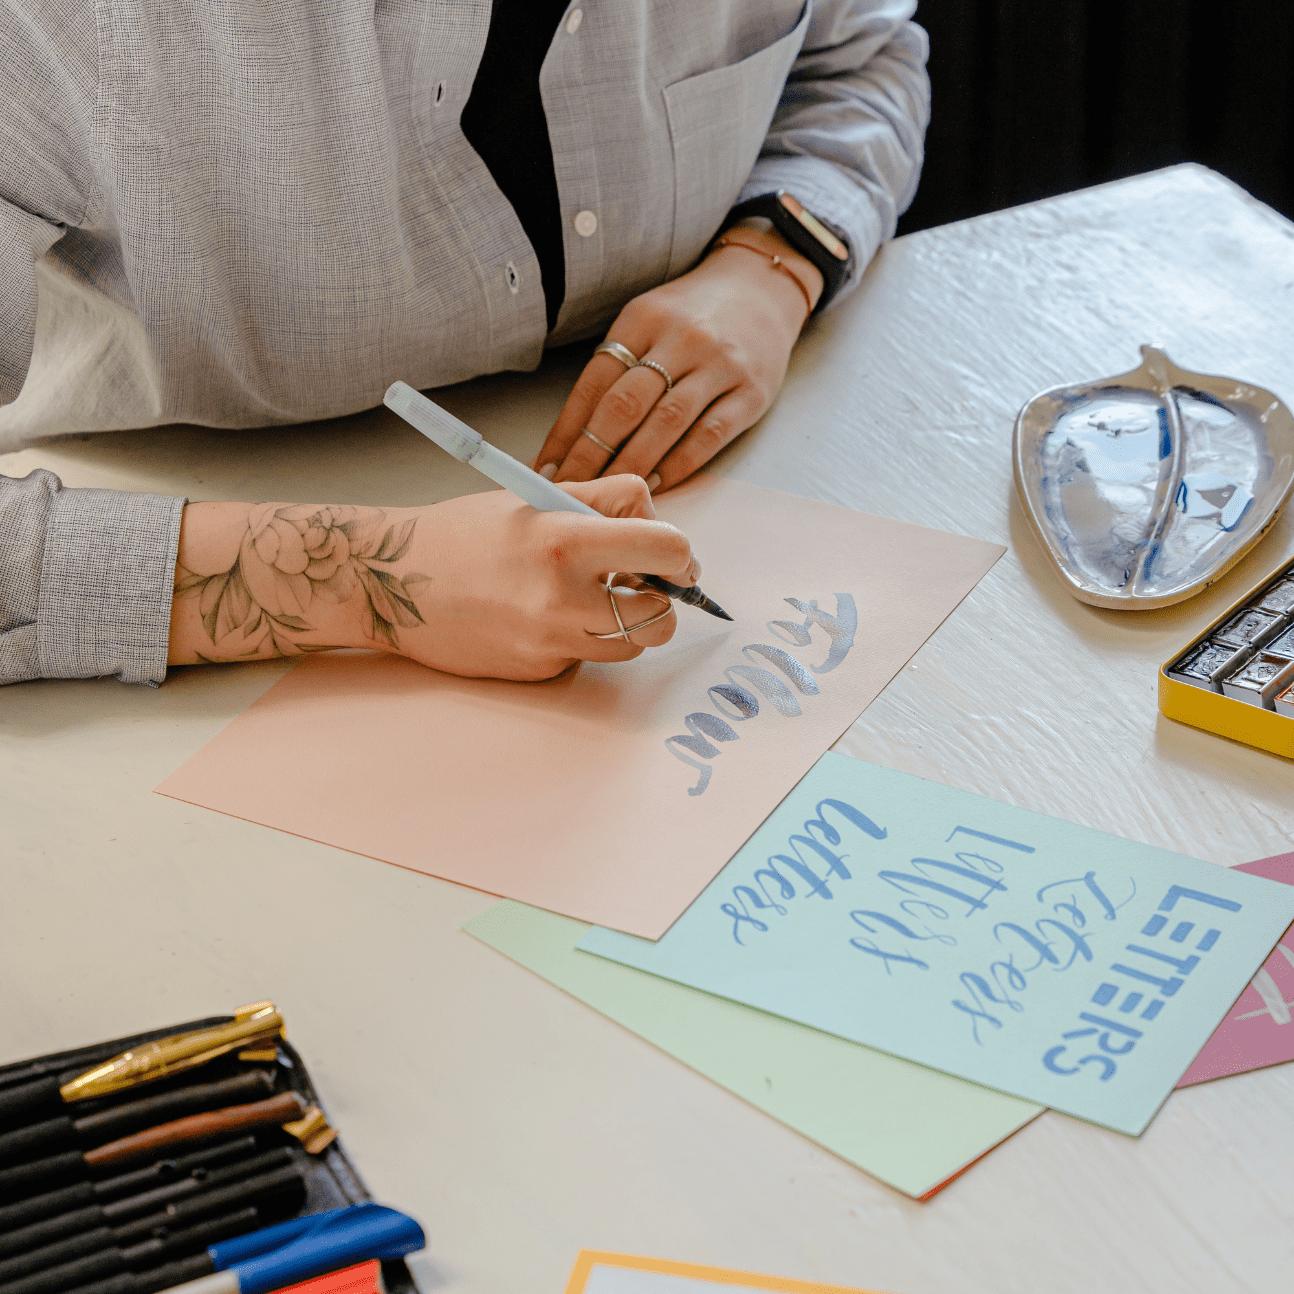 tatuaggi e lavoro: cosa sapere se hai dei tattoo e cerchi lavoro